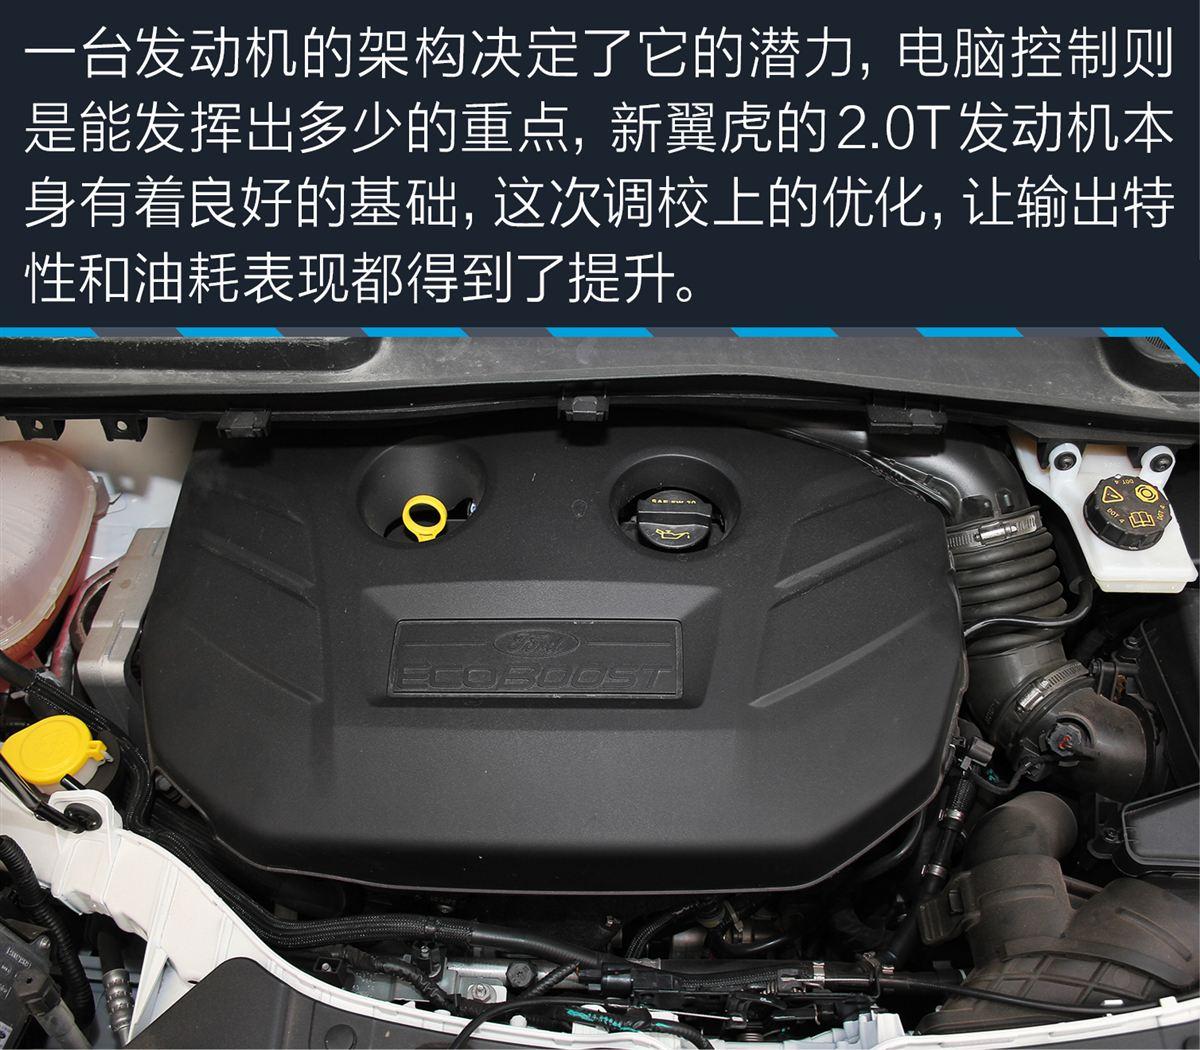 福特在这台发动机上采用了比较先进的技术,通过在正时皮带传动泵上